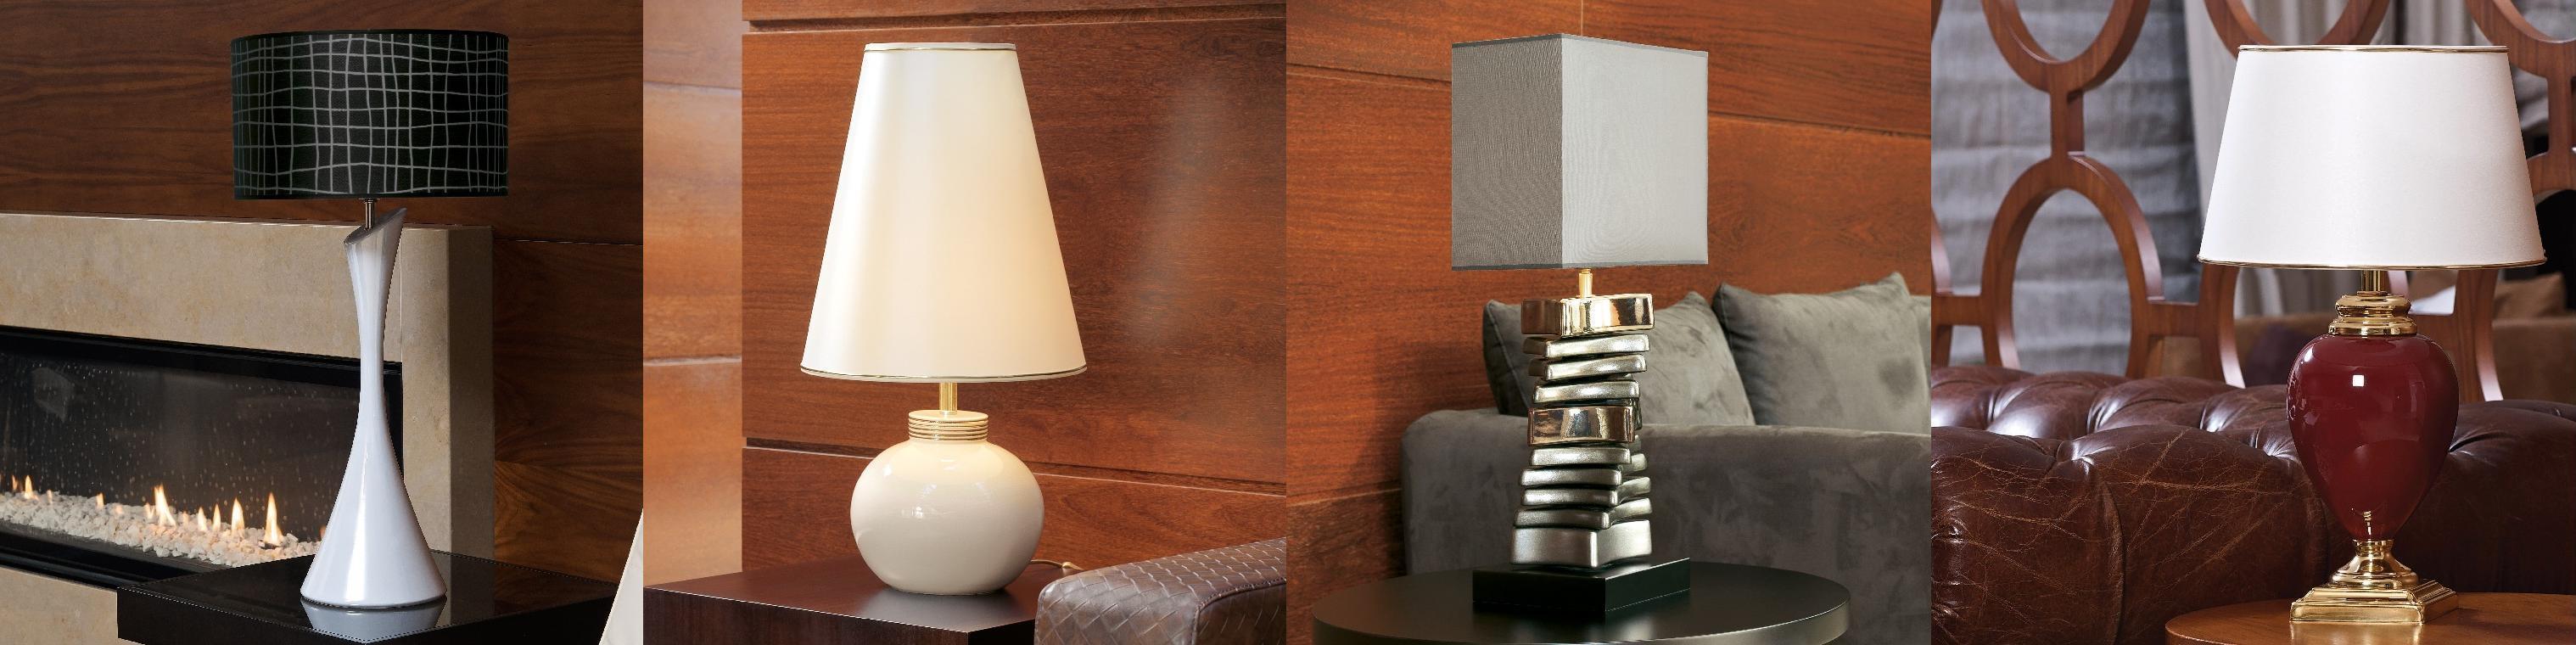 Dekoracyjne Lampy Do Salonów Apartamentów I Gabinetów